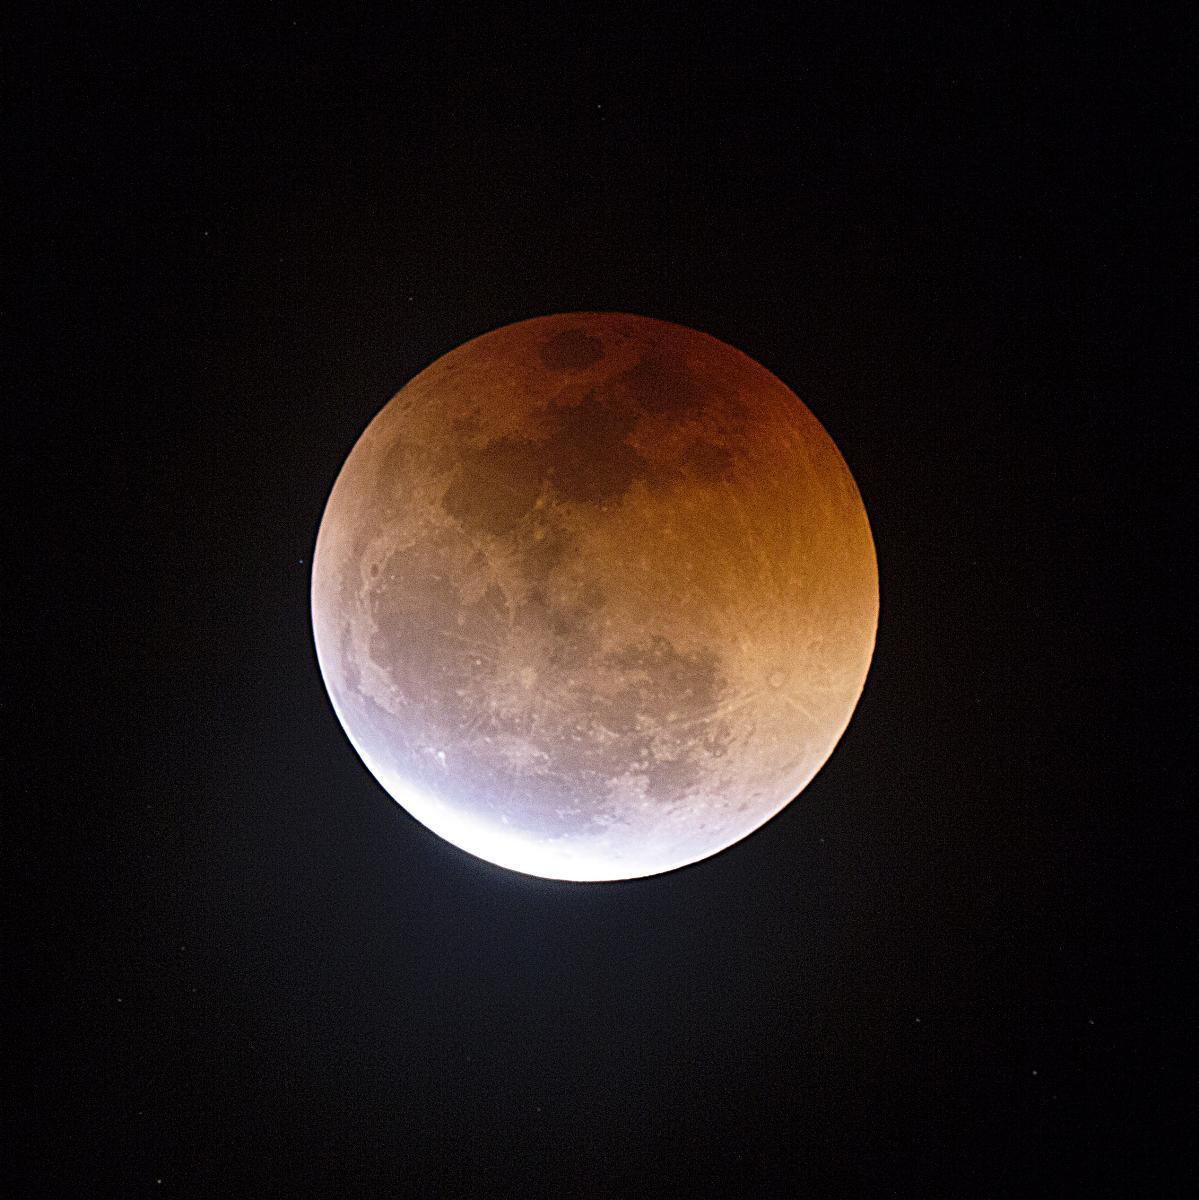 Eclipsi de lluna a punt de sortir de la totalitat